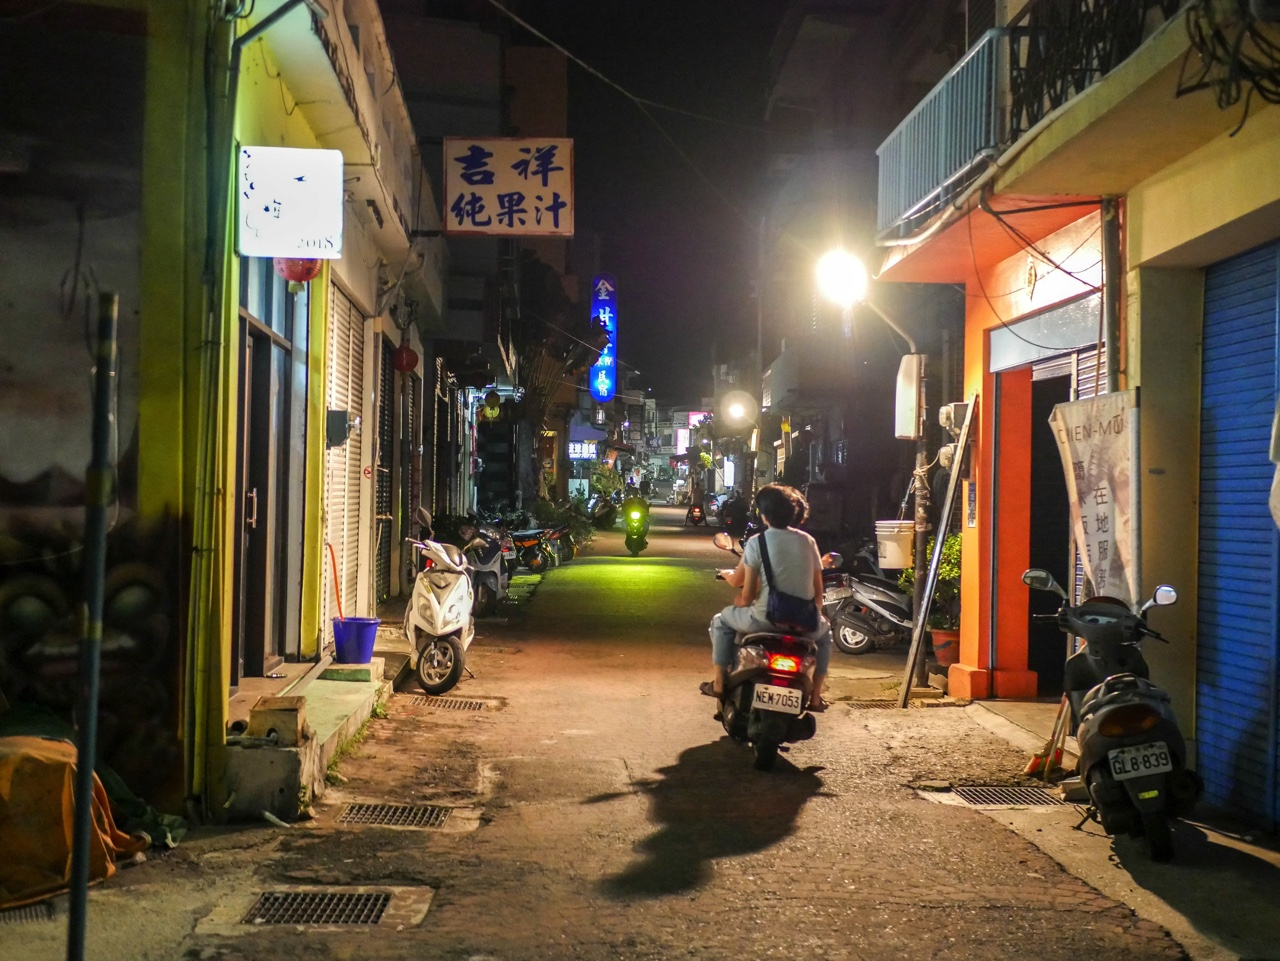 小琉球でバイクに乗る人